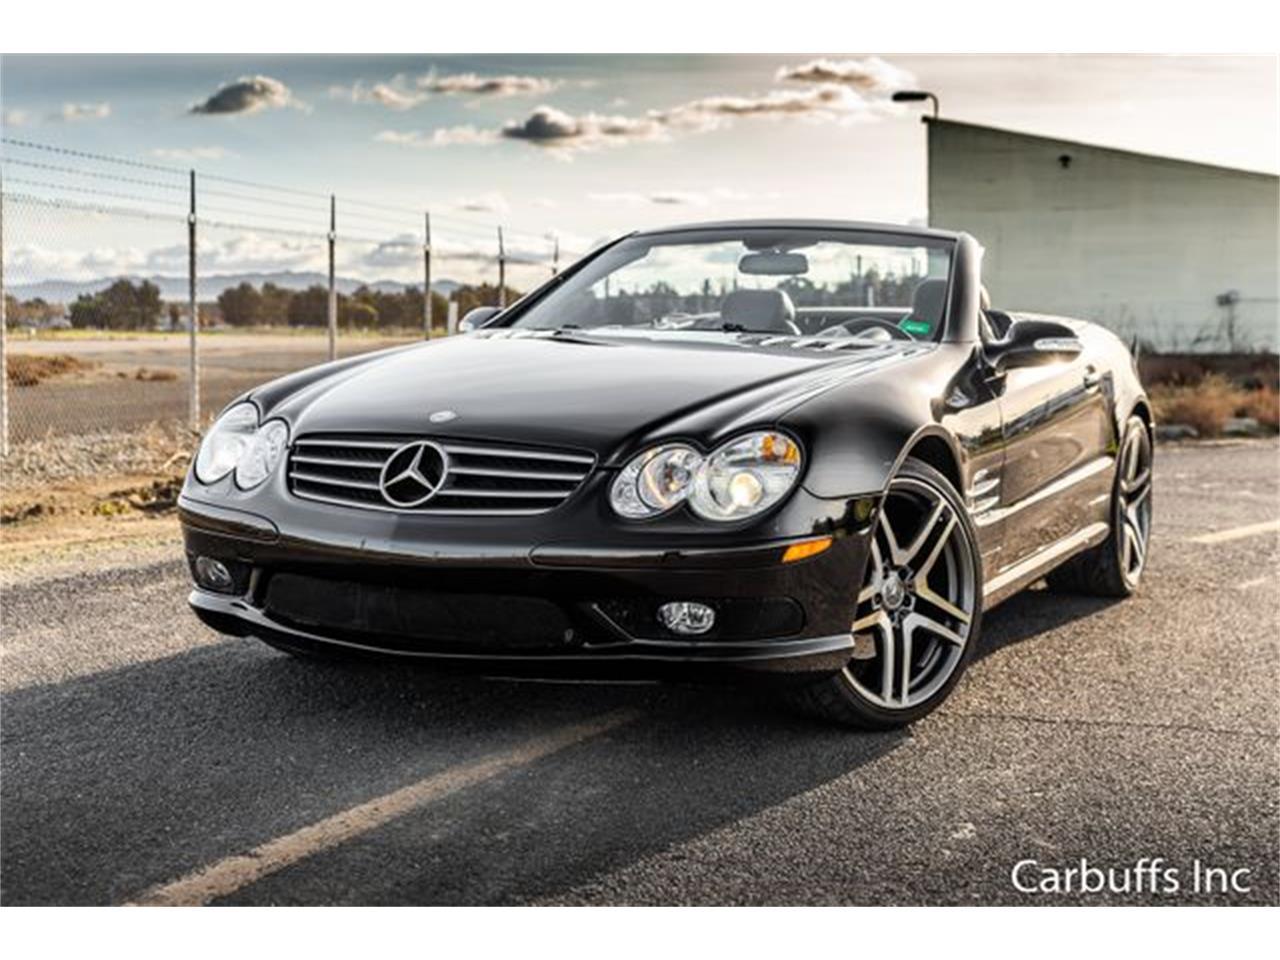 2003 Mercedes-Benz SL500 (CC-1304156) for sale in Concord, California